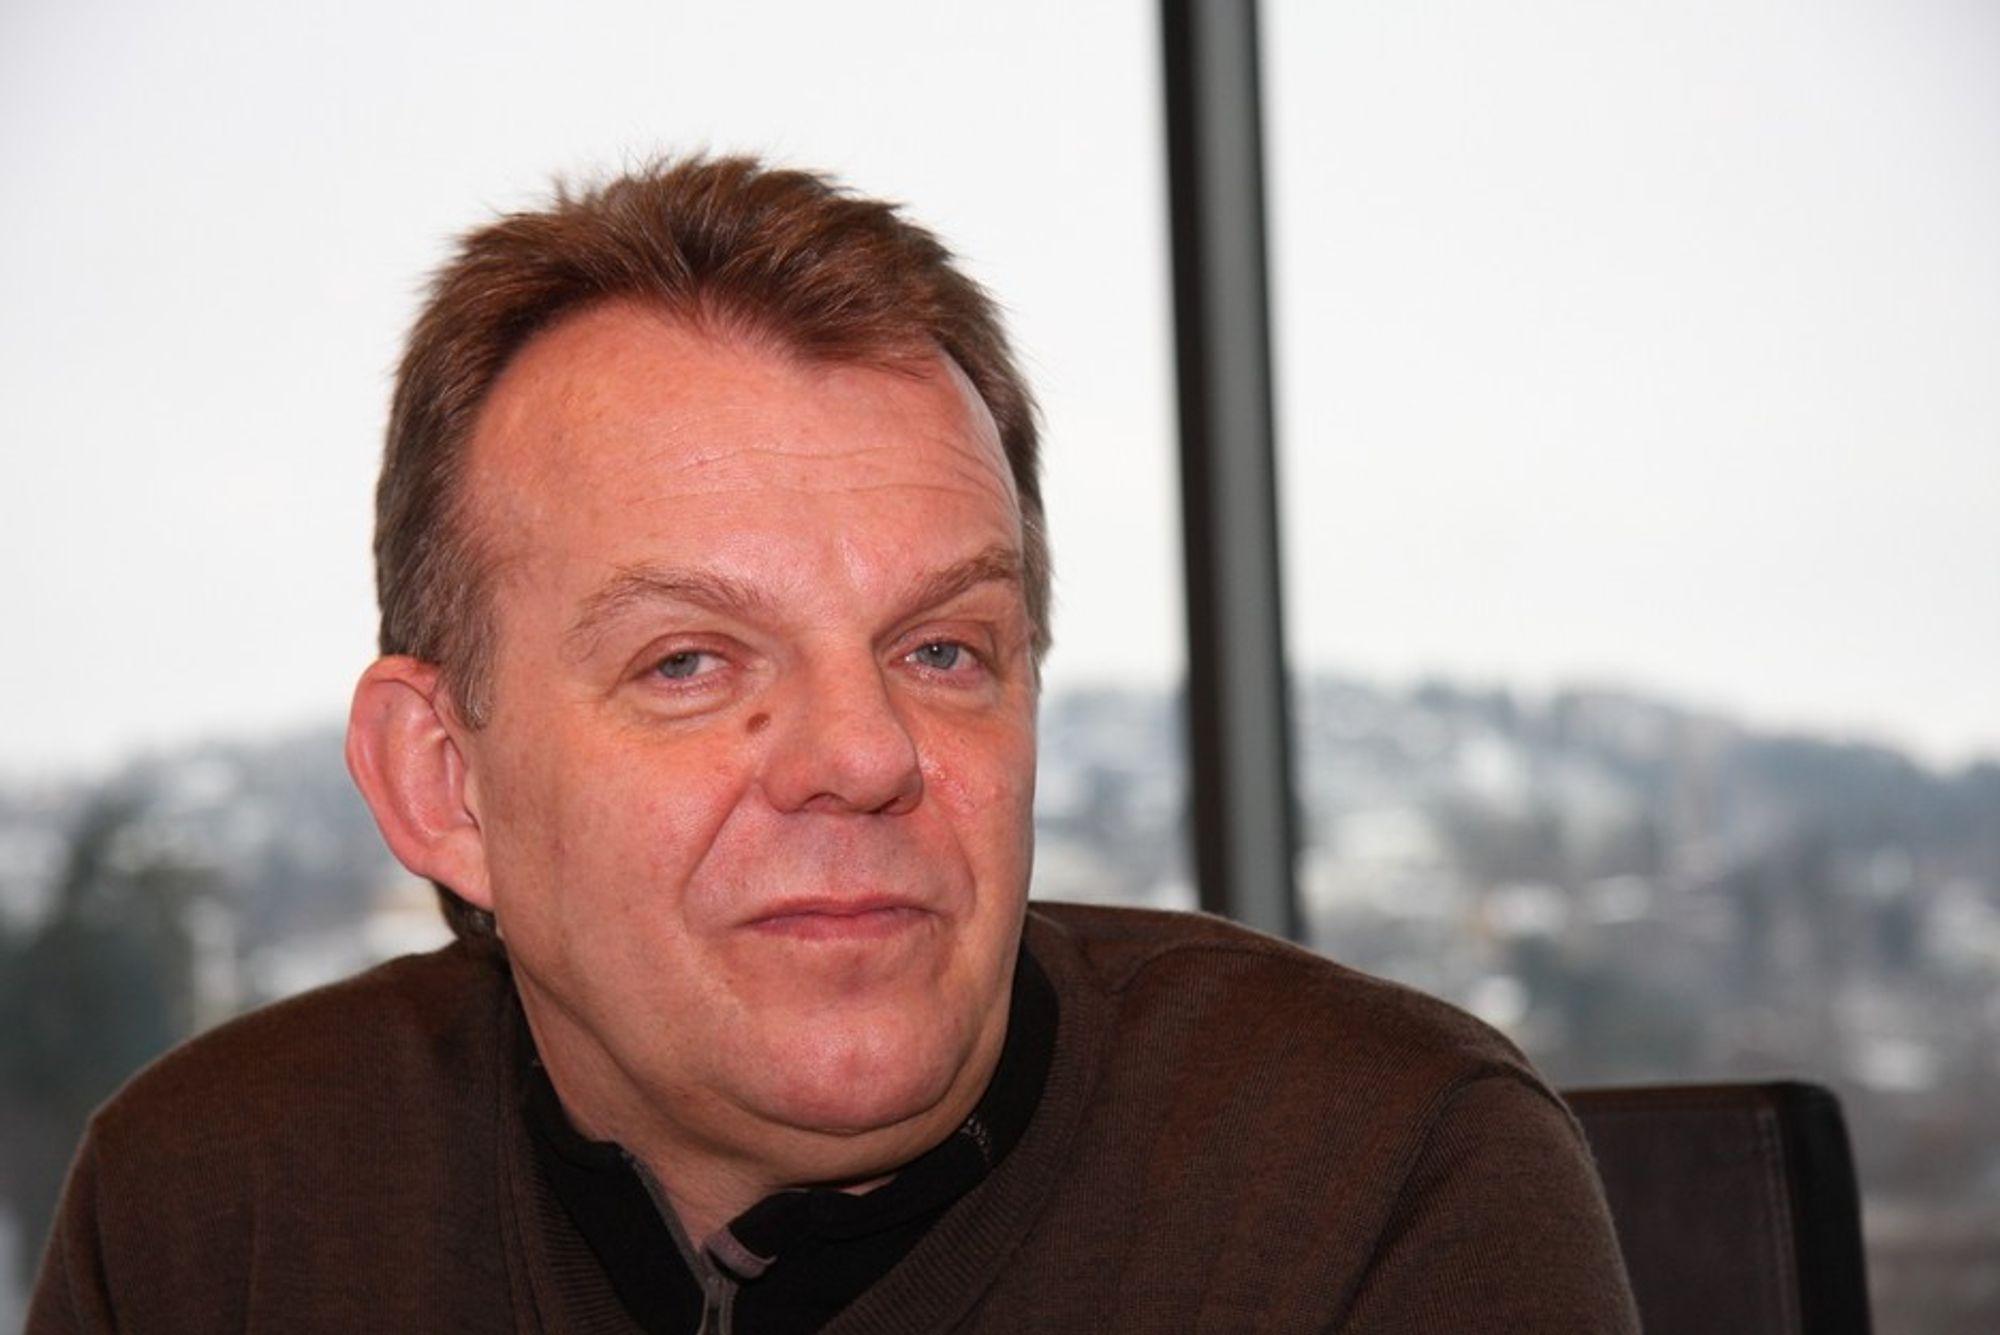 LØNN: Torstein Dale Sjøtveit  vil få en lønn på 1,2 millioner dollar i året.